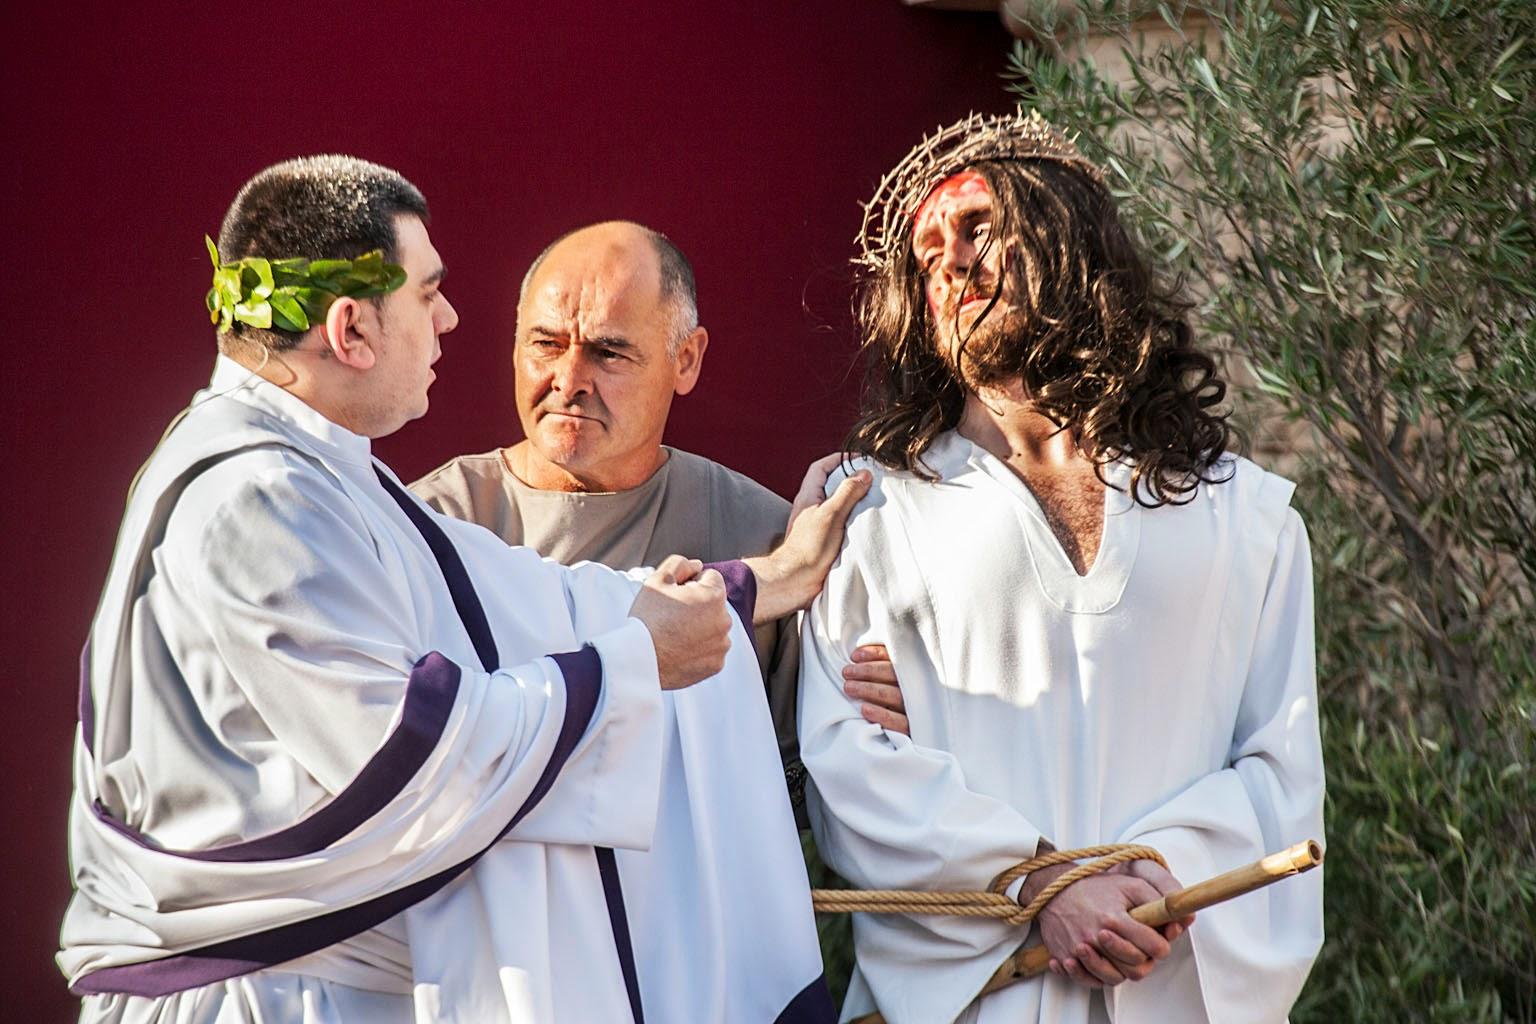 Acto Sacro del Prendimiento Jumilla